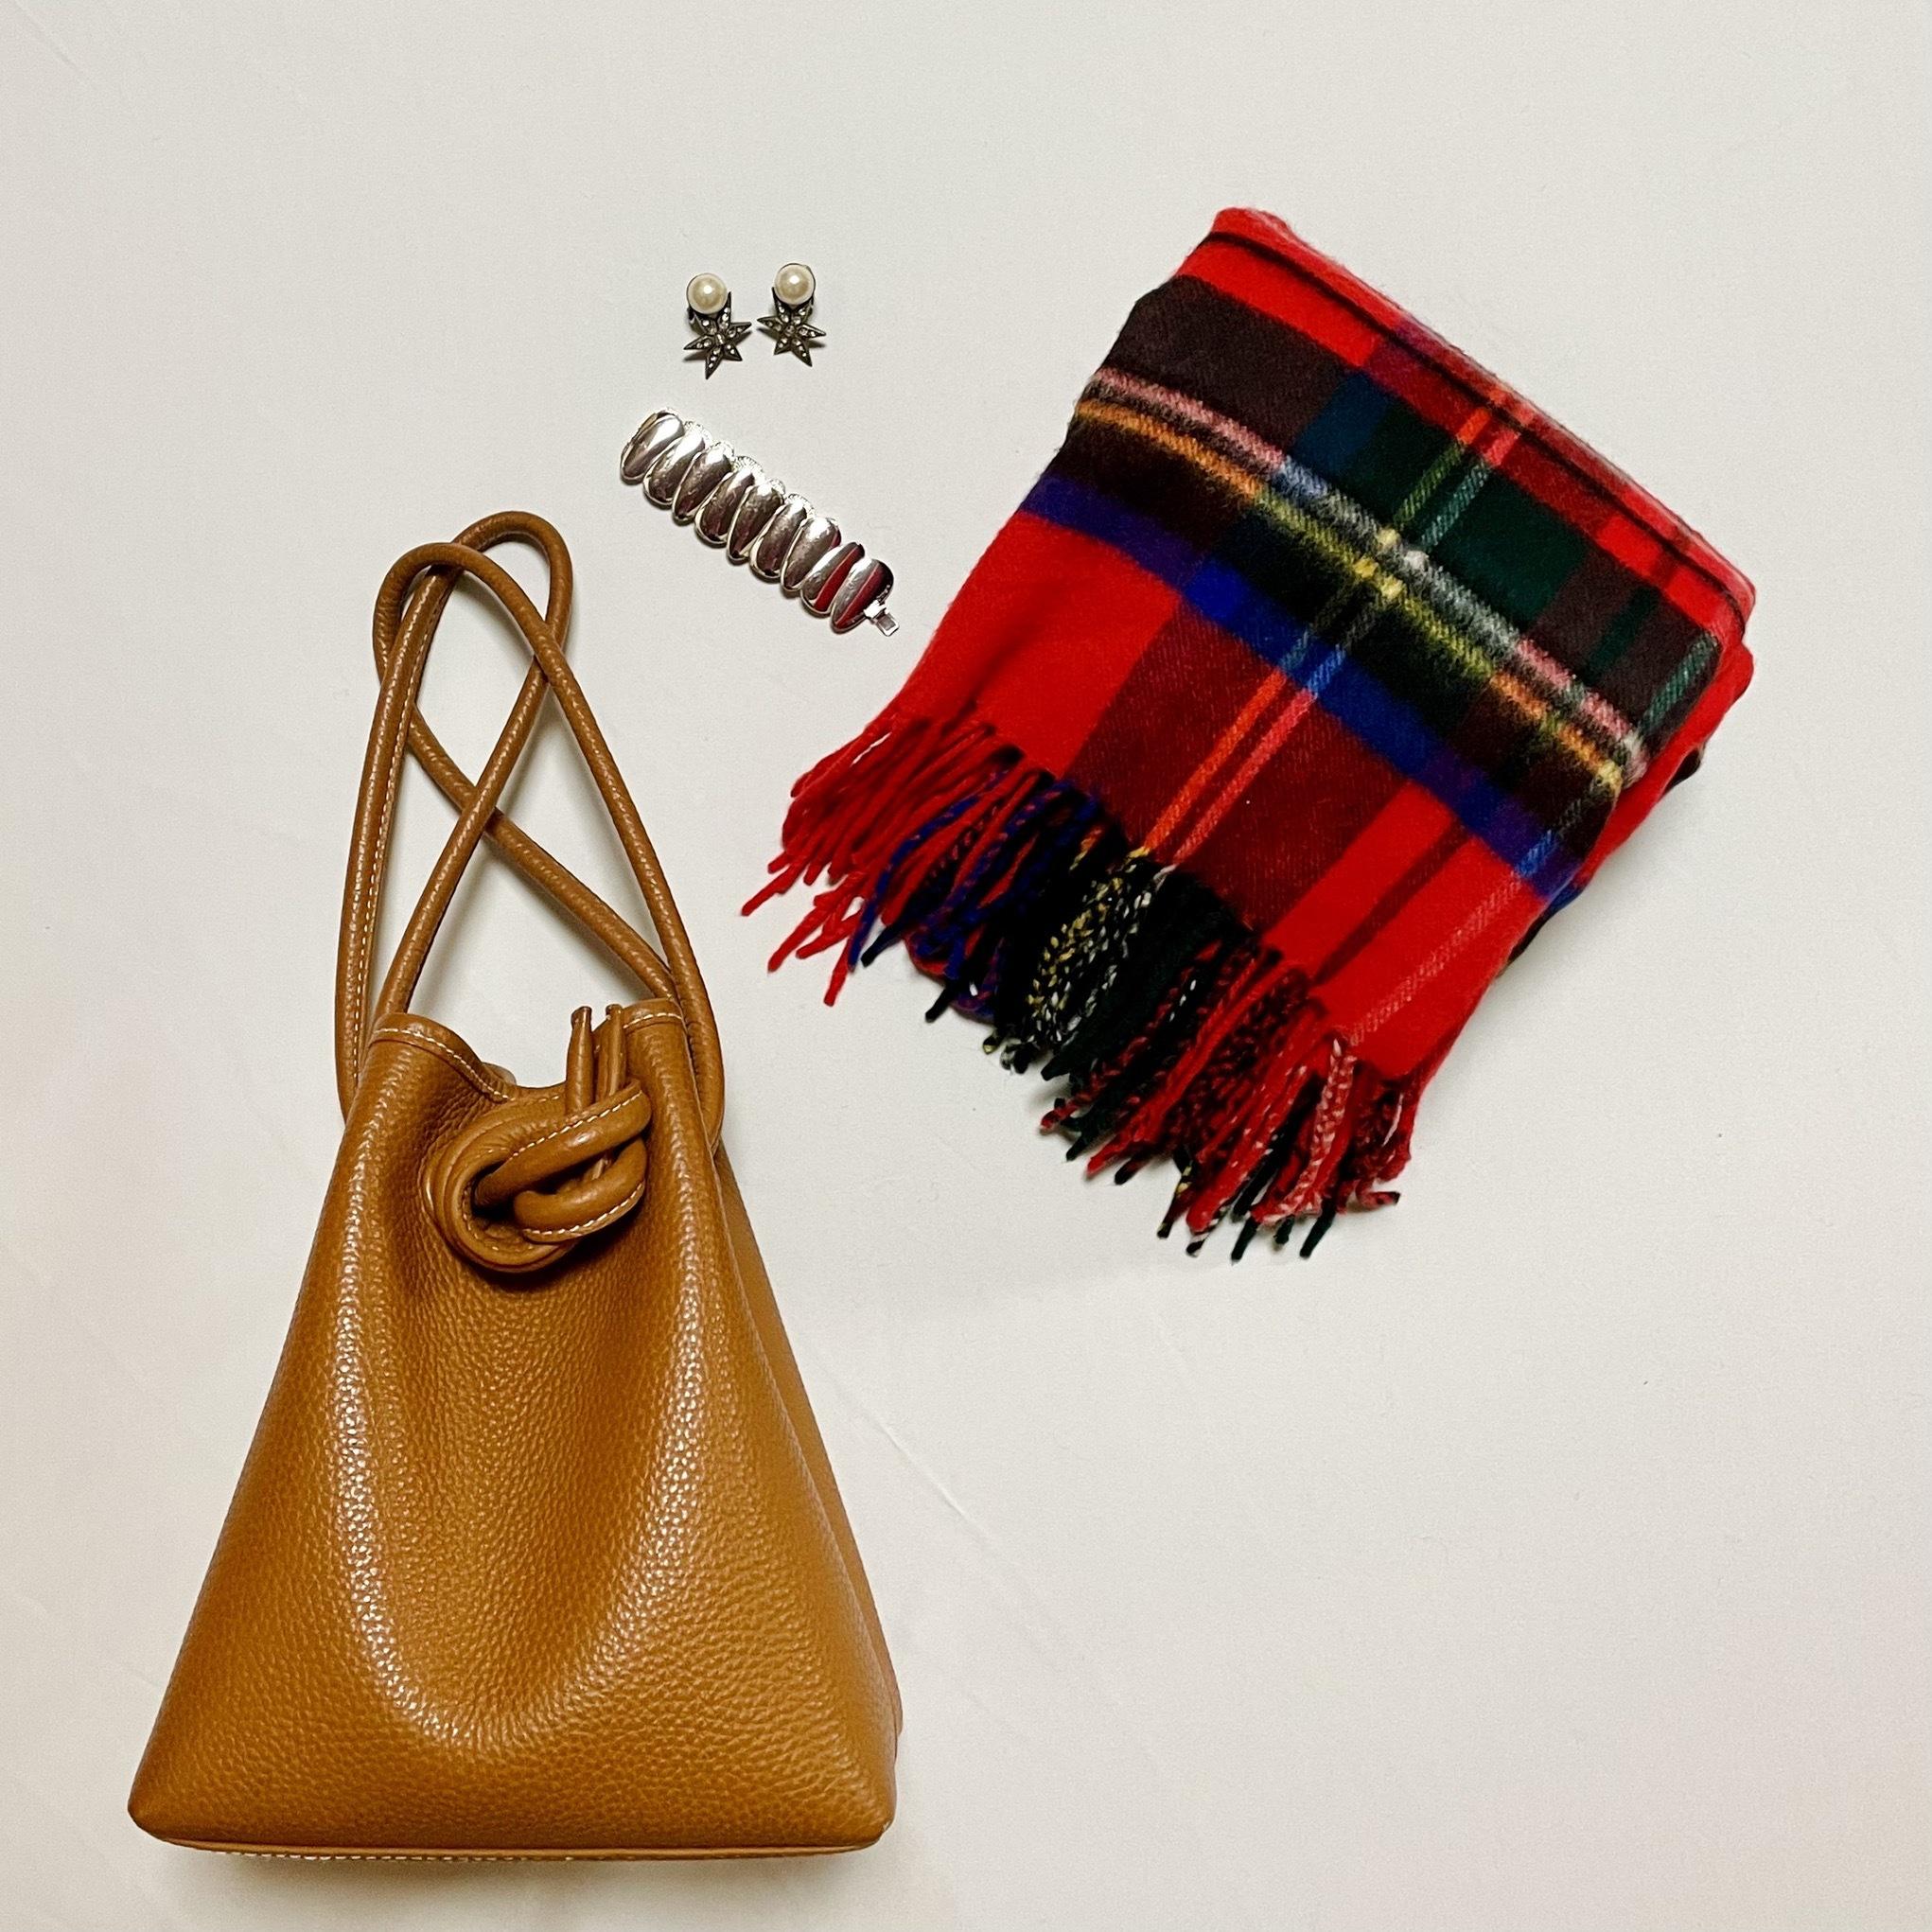 キャメルのバッグ、赤いチェックの大判ストール、パールと星形を組み合わせたイヤリング、シルバーの太めブレスレット